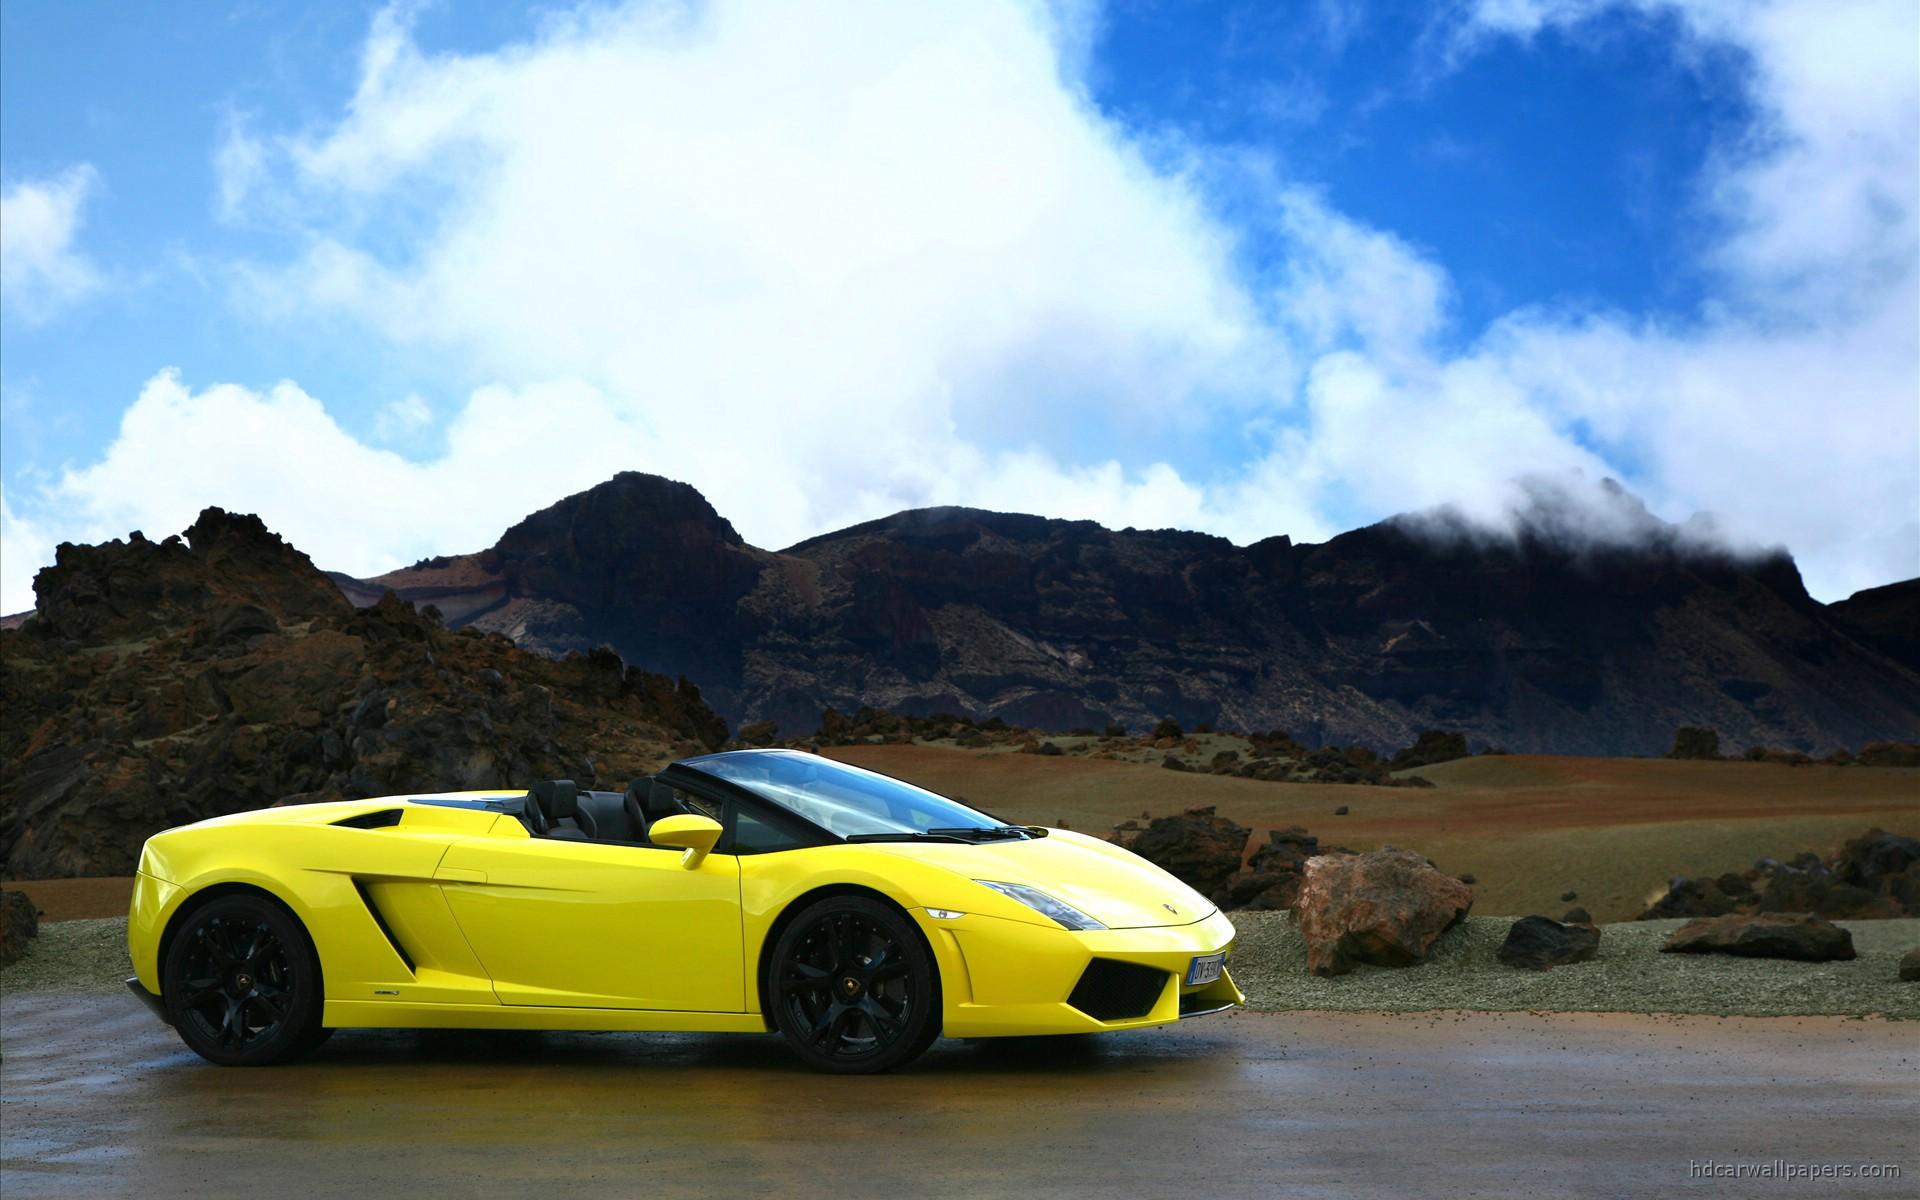 Hd wallpaper editing - Lamborghini Gallardo Wallpapers Hd 52 Wallpapers Adorable Wallpapers